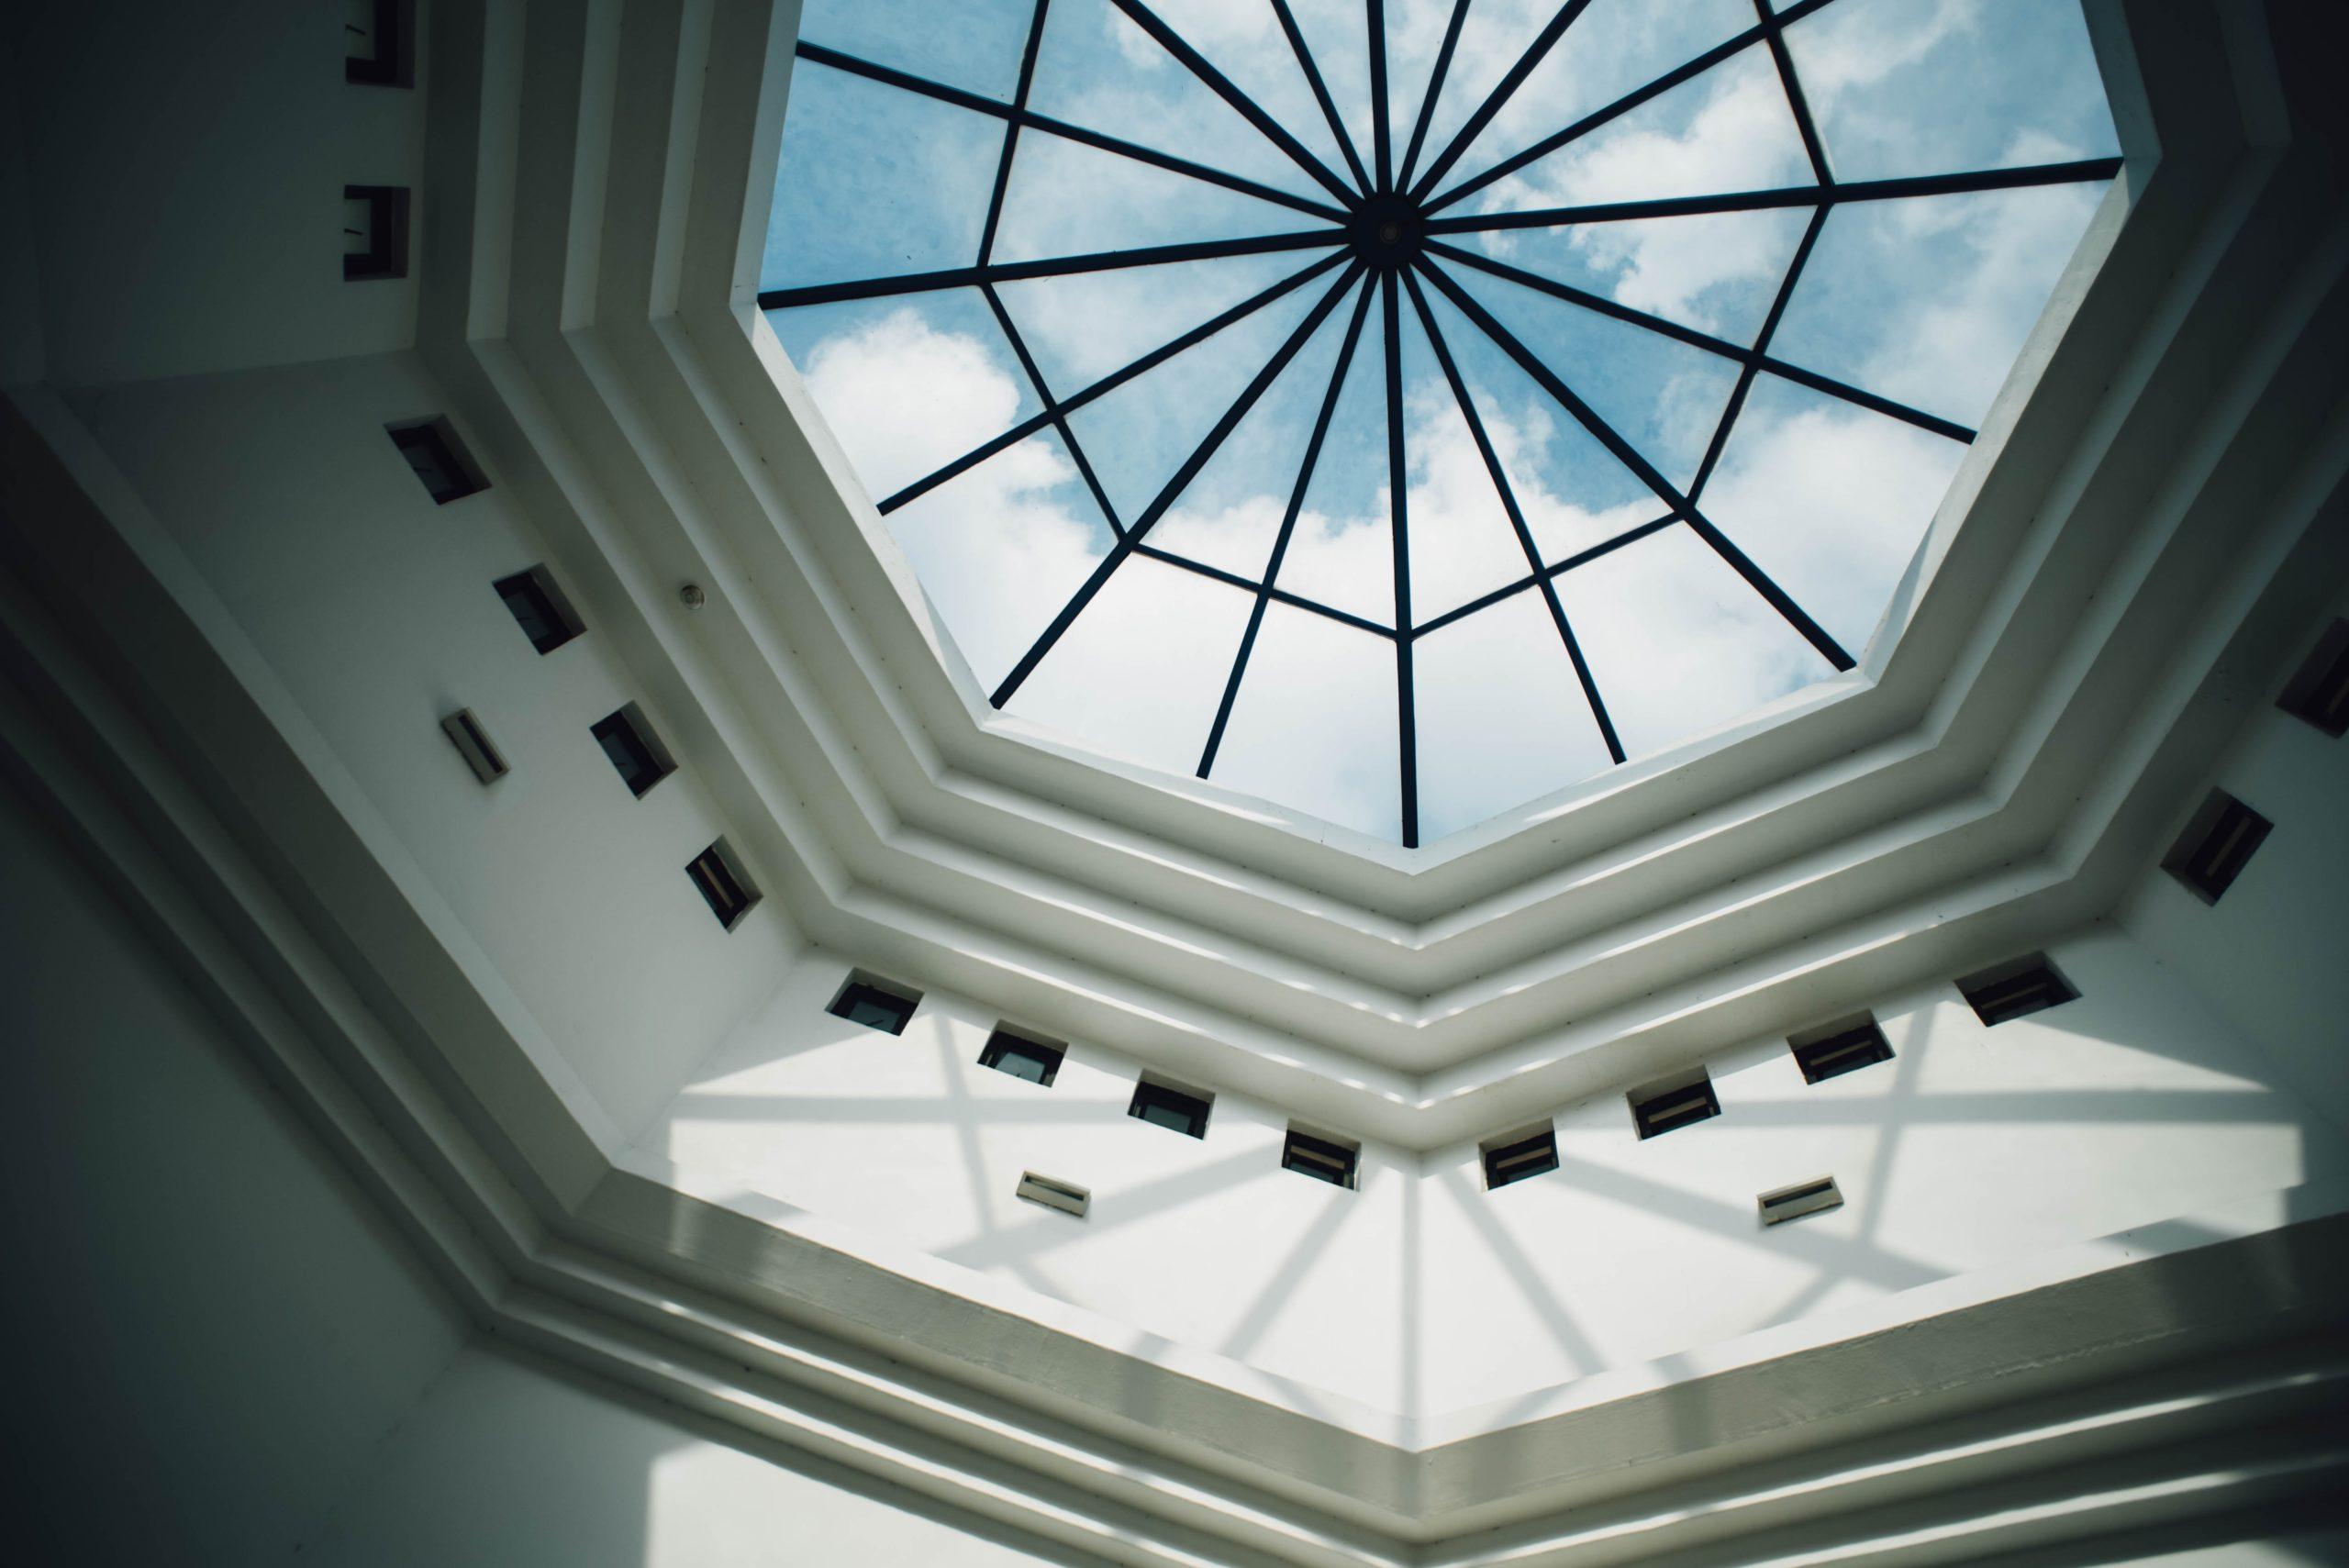 skylight installation Bellevue